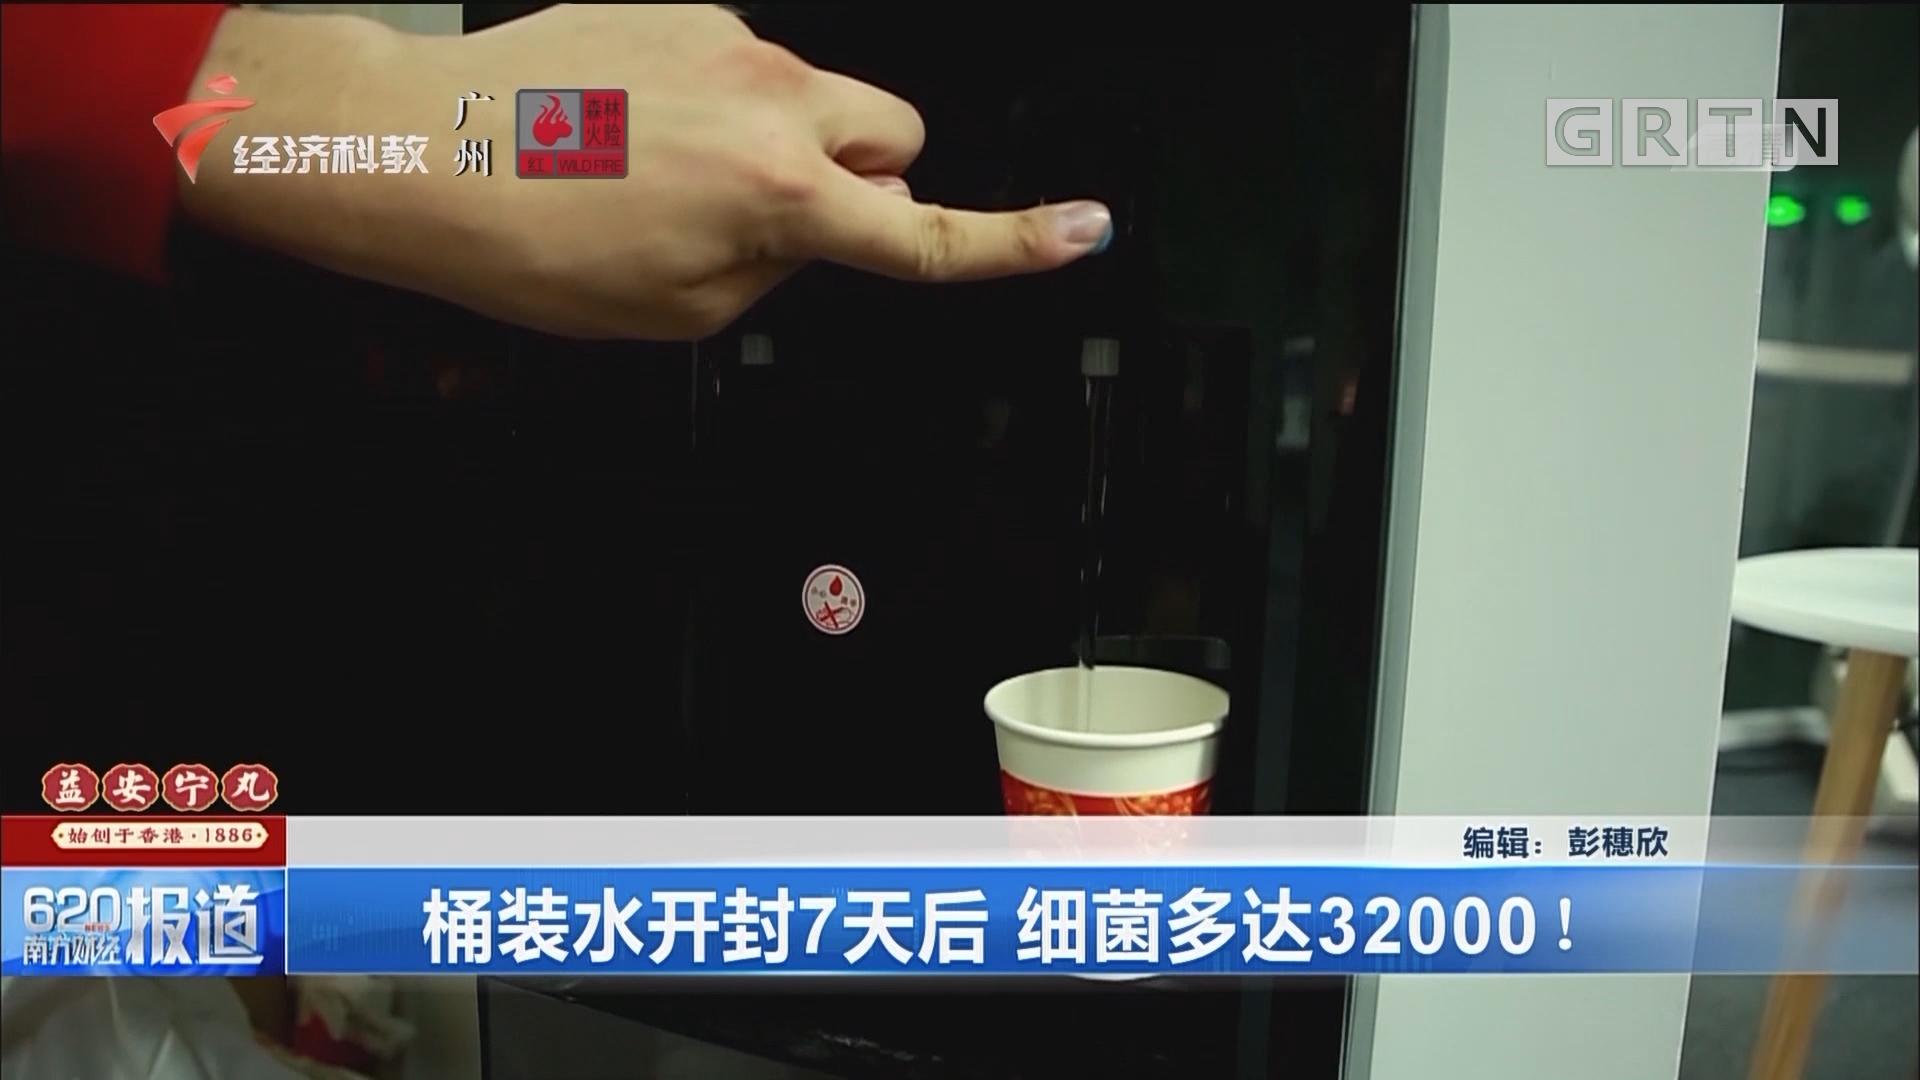 桶裝水開封7天后 細菌多達32000!